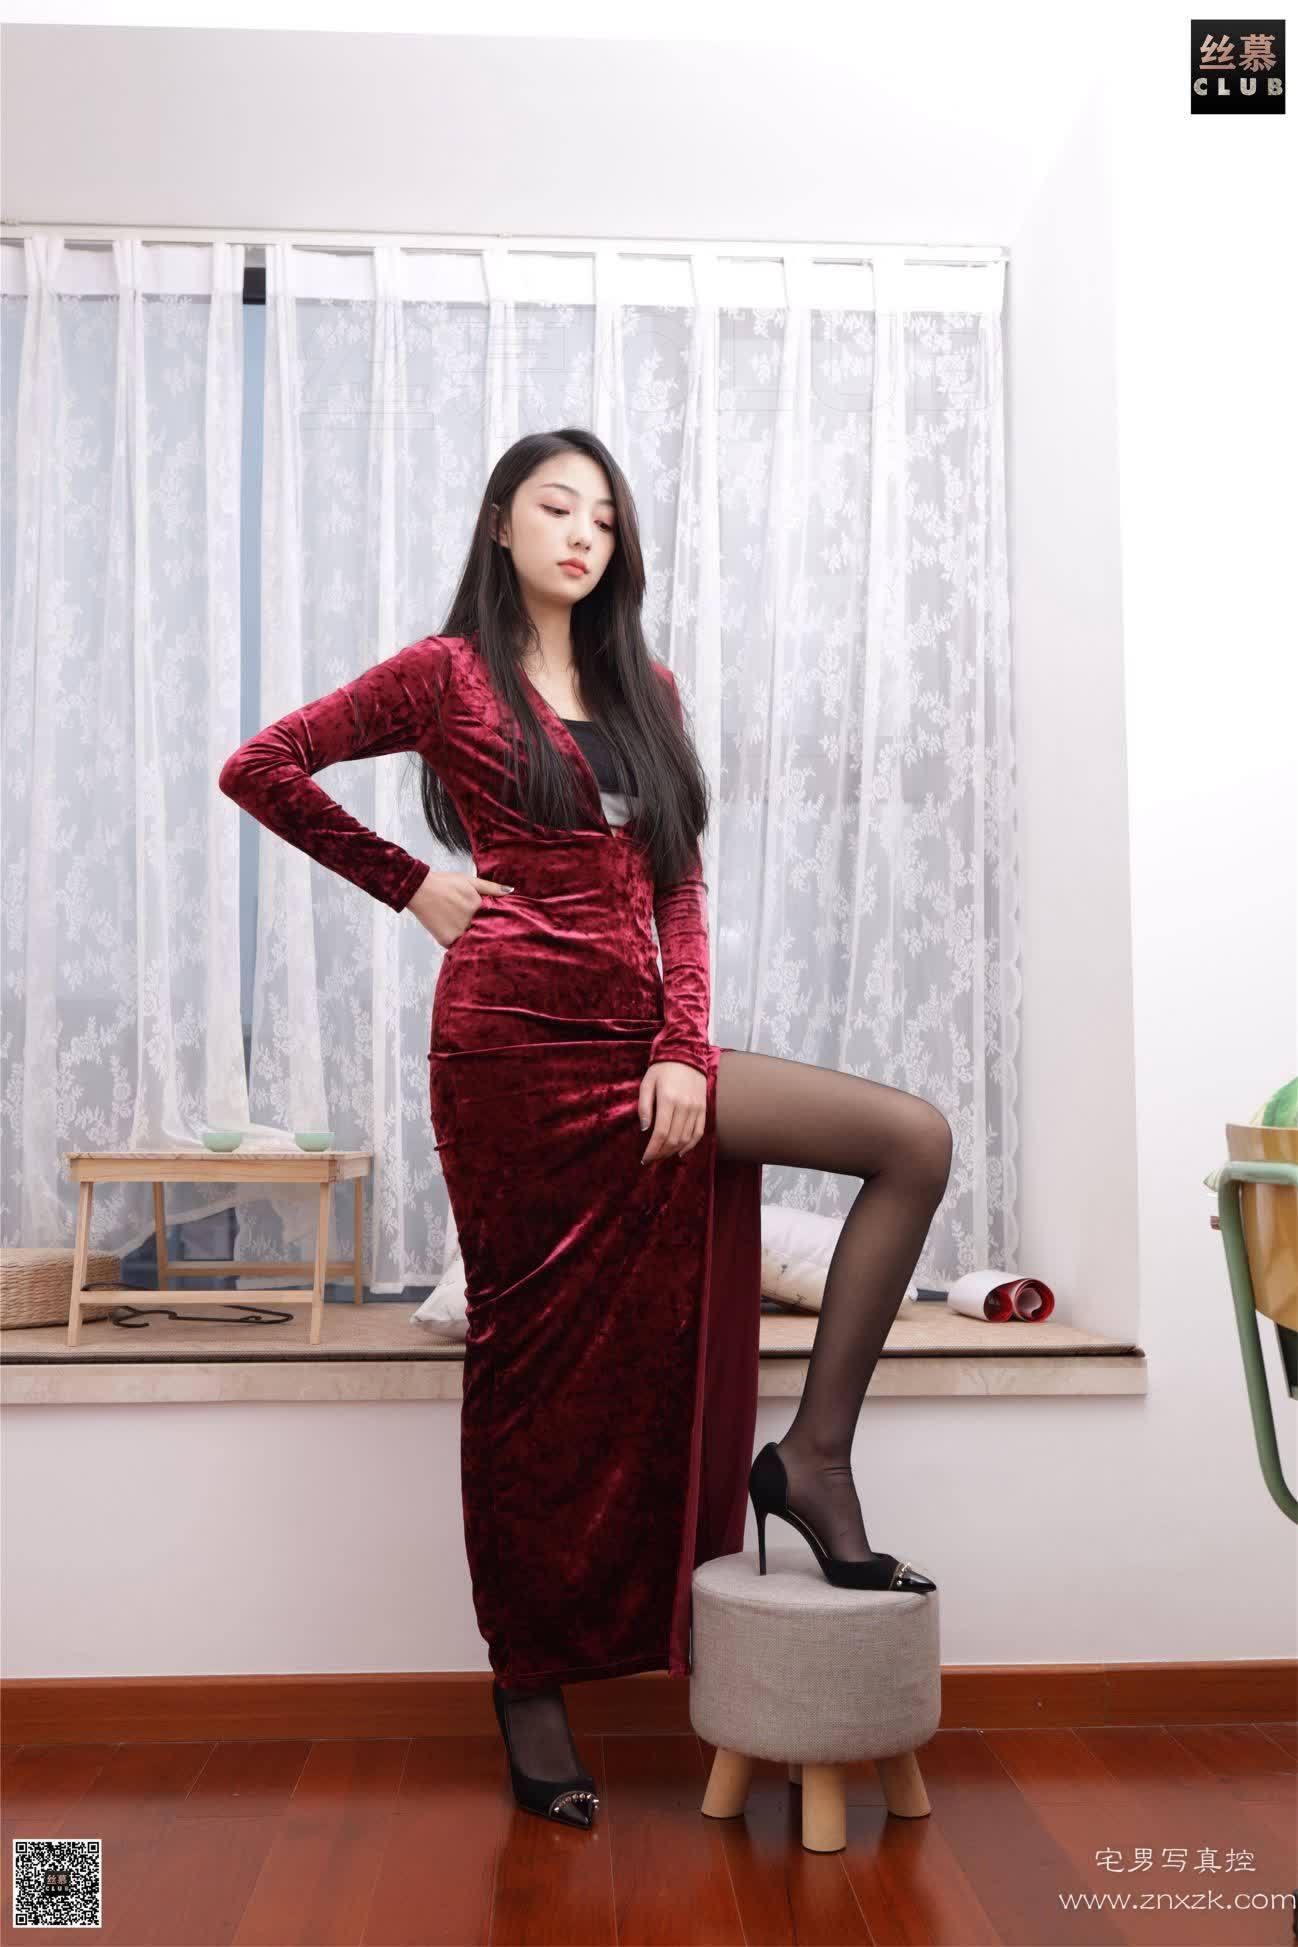 丝慕GIRL SM186 诗晴の丝爱